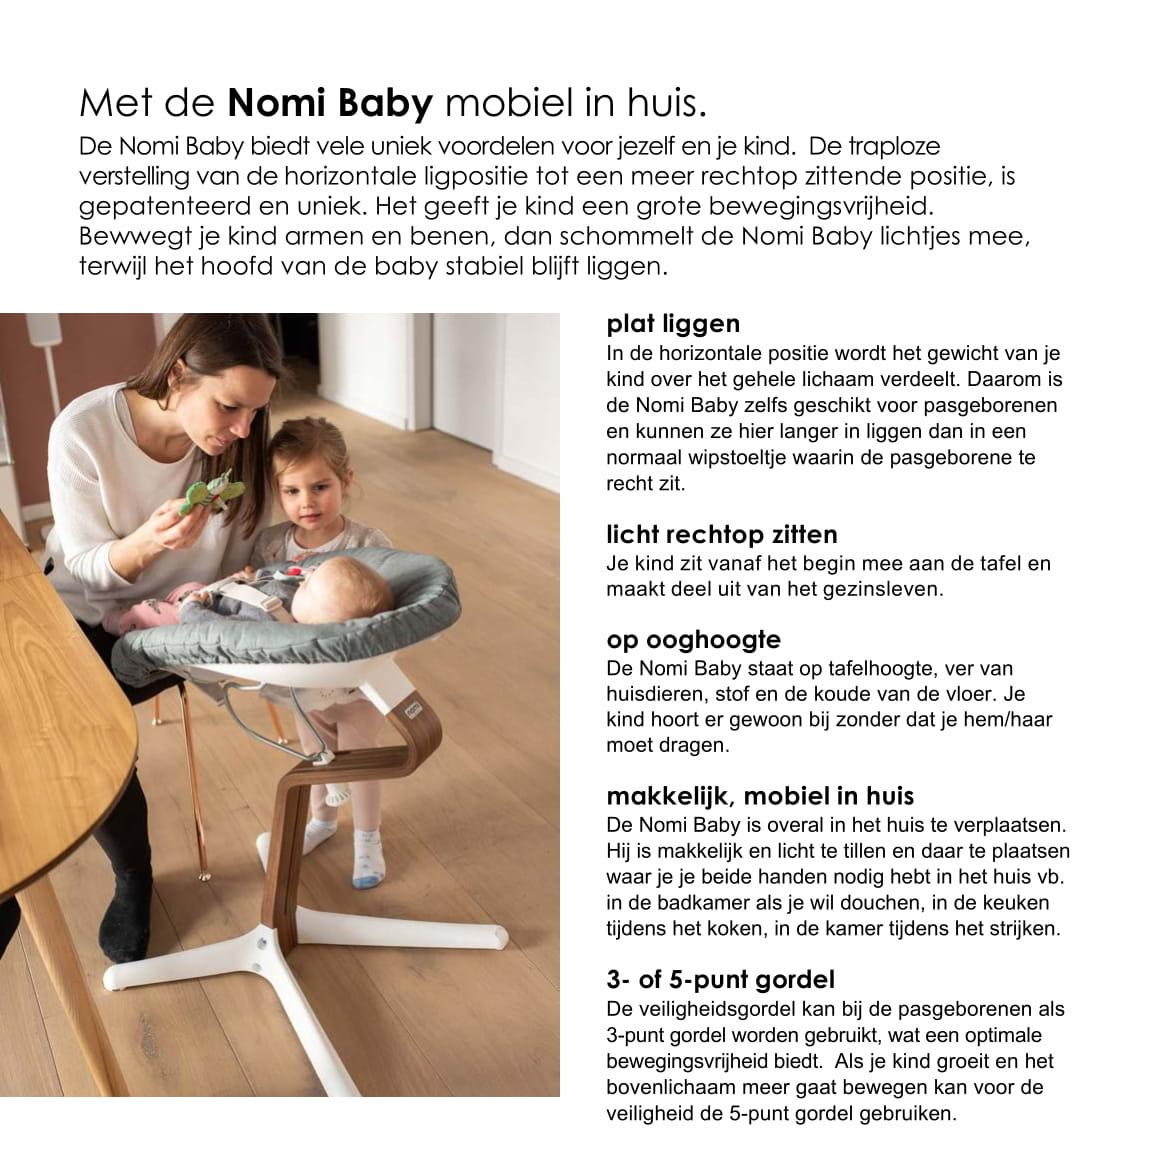 Nomi NOMI highchair: de meest complete meegroeistoel met Basis met stoel, Zitkussen, Beugel, Tray, Wipper incl. matrasje, Harnas en Speelboog - Basis eiken wit oiled, stoel Burned Orange